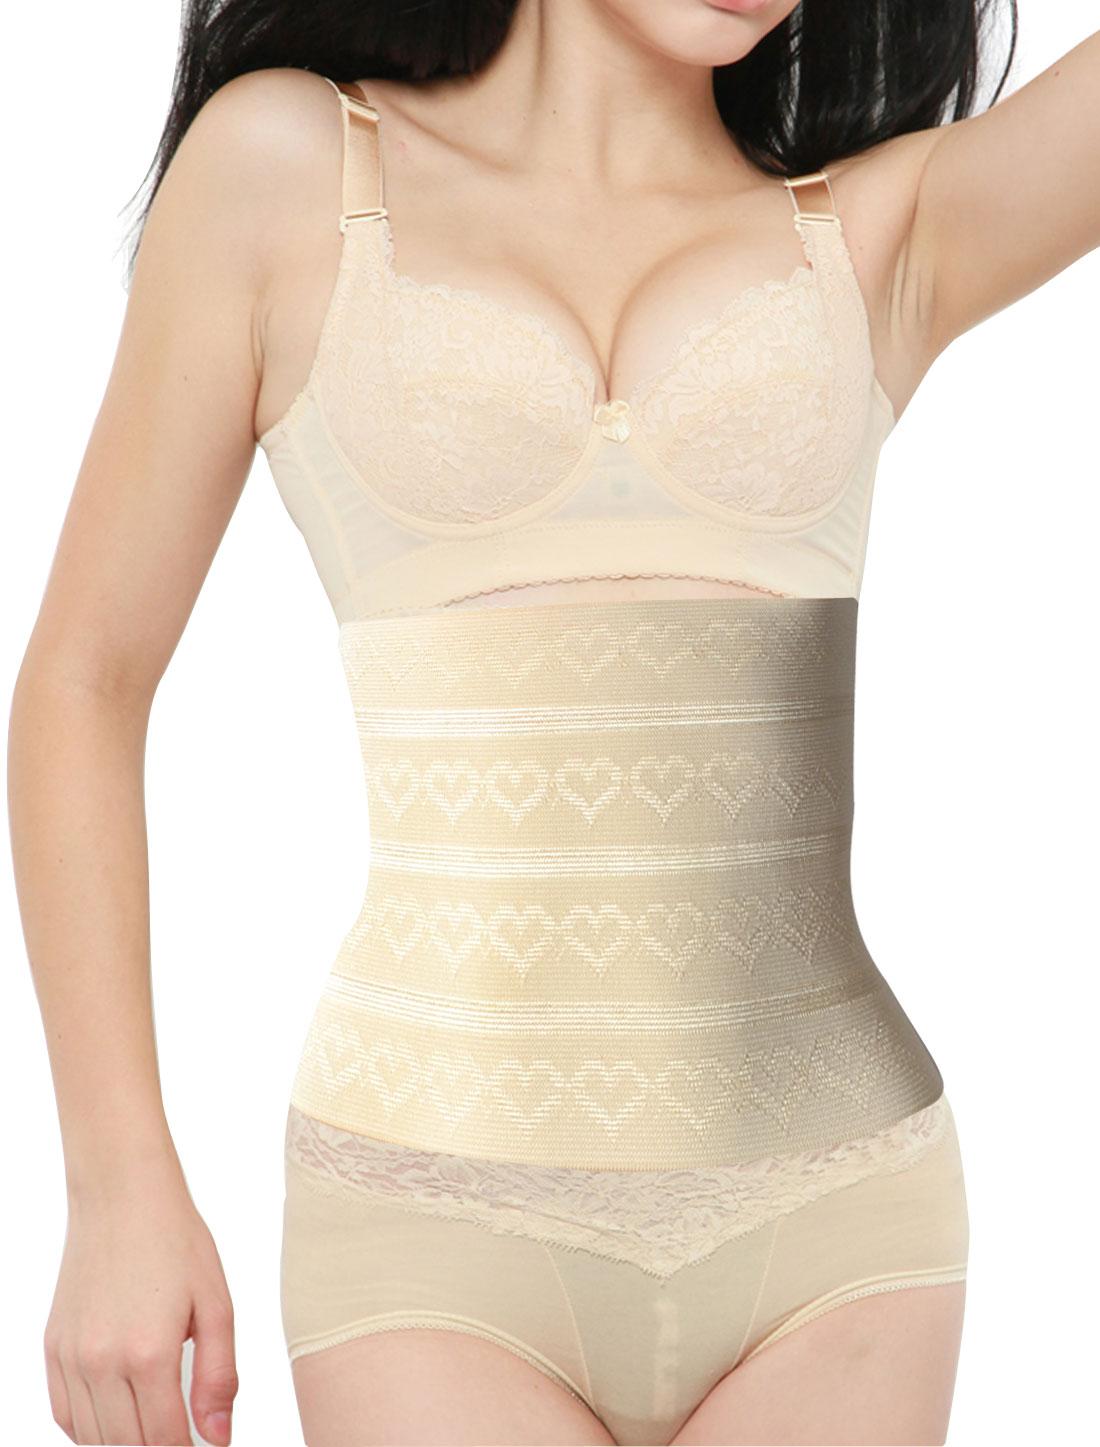 Women 3 Rows 9 Hooks Heart Pattern Shapewear Underbust Slimming Belt Corset Waist Cincher Beige XS